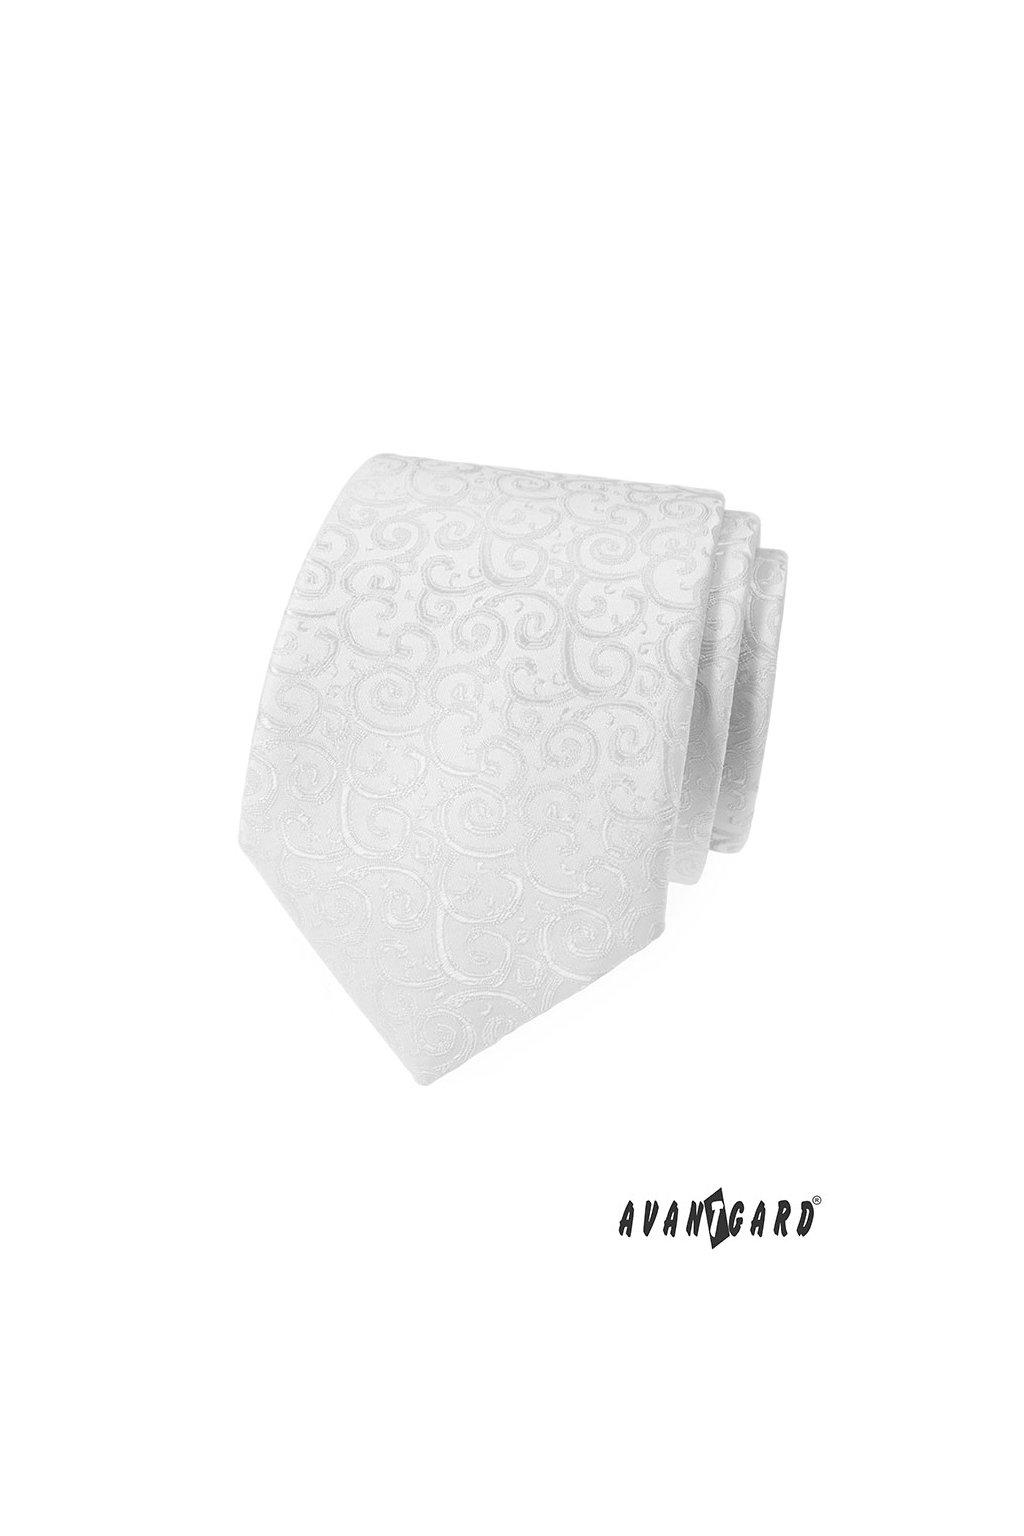 Bílá luxusní kravata s jemným vzorkem 561 - 59